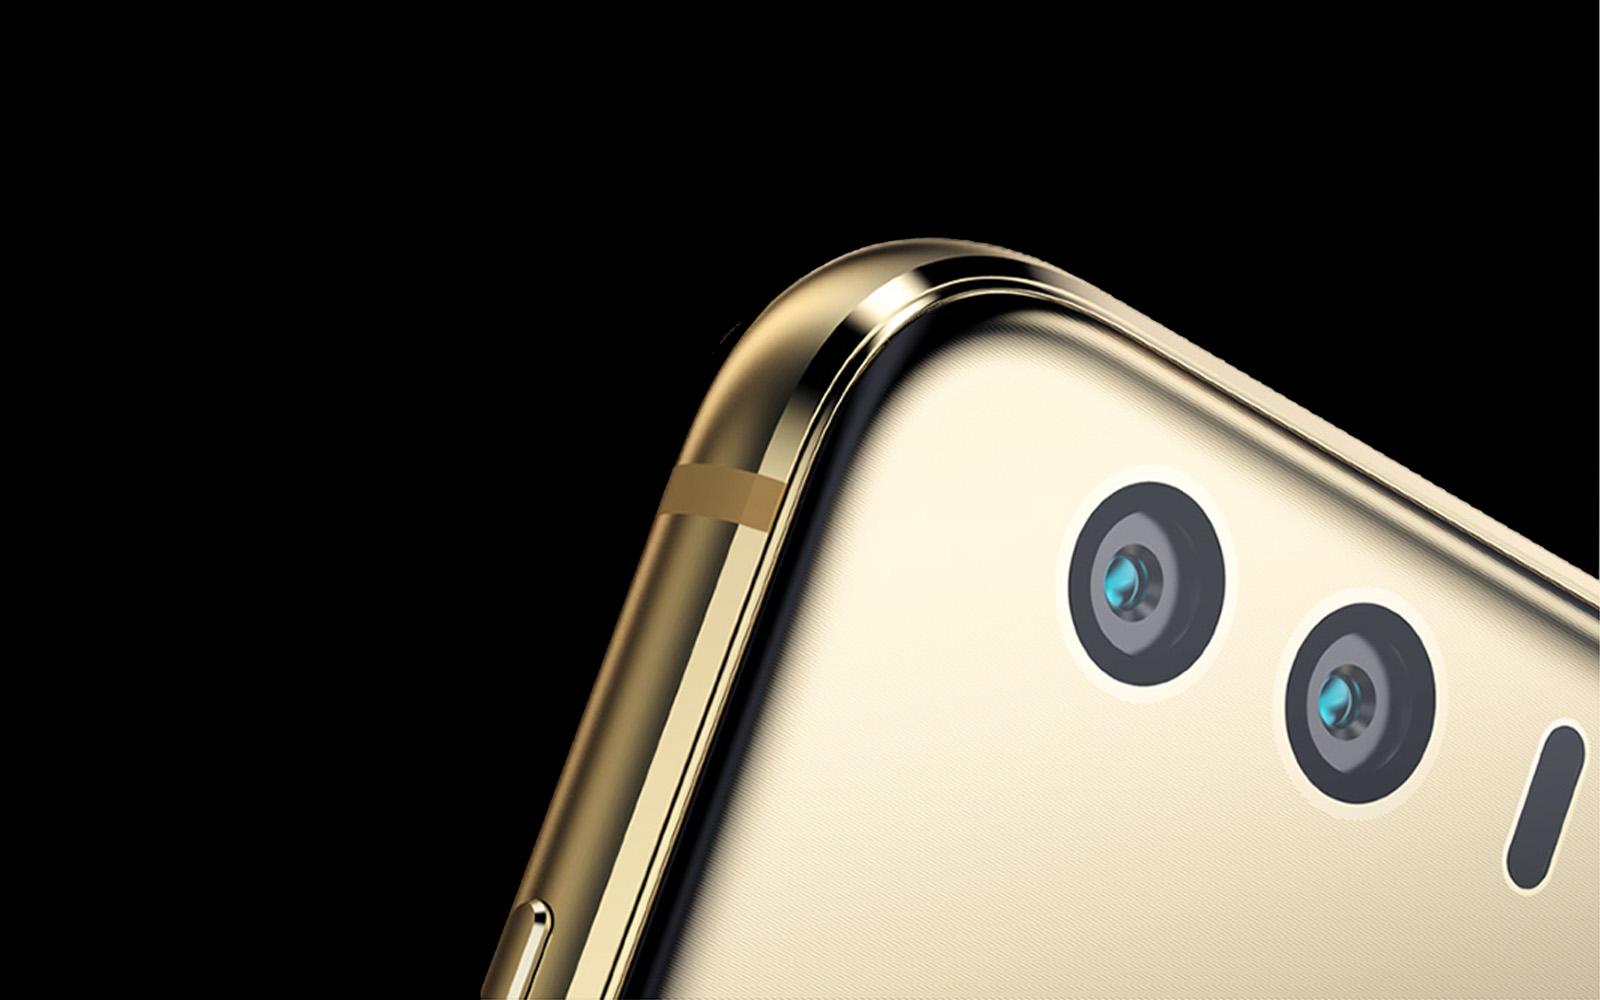 ZenFone 3 vs honor 8 デュアルカメラ